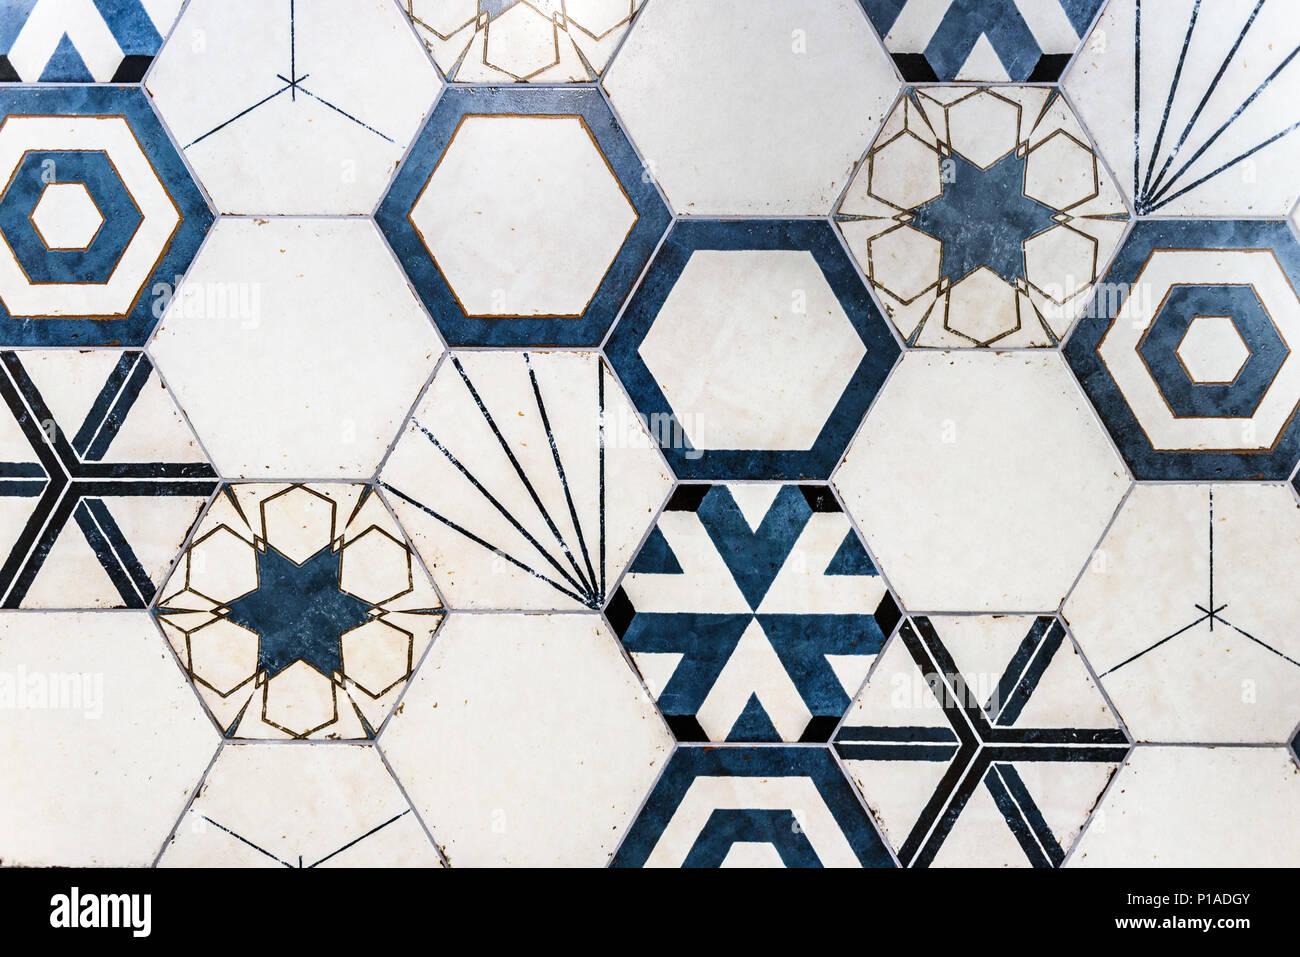 Sechseckige Farbenfrohe, Moderne Badezimmer, Toilette Oder In Der Küche  Fliesen An Der Wand. Künstlerische Blauen Und Weißen Ornamentalen  Sechseckige ...